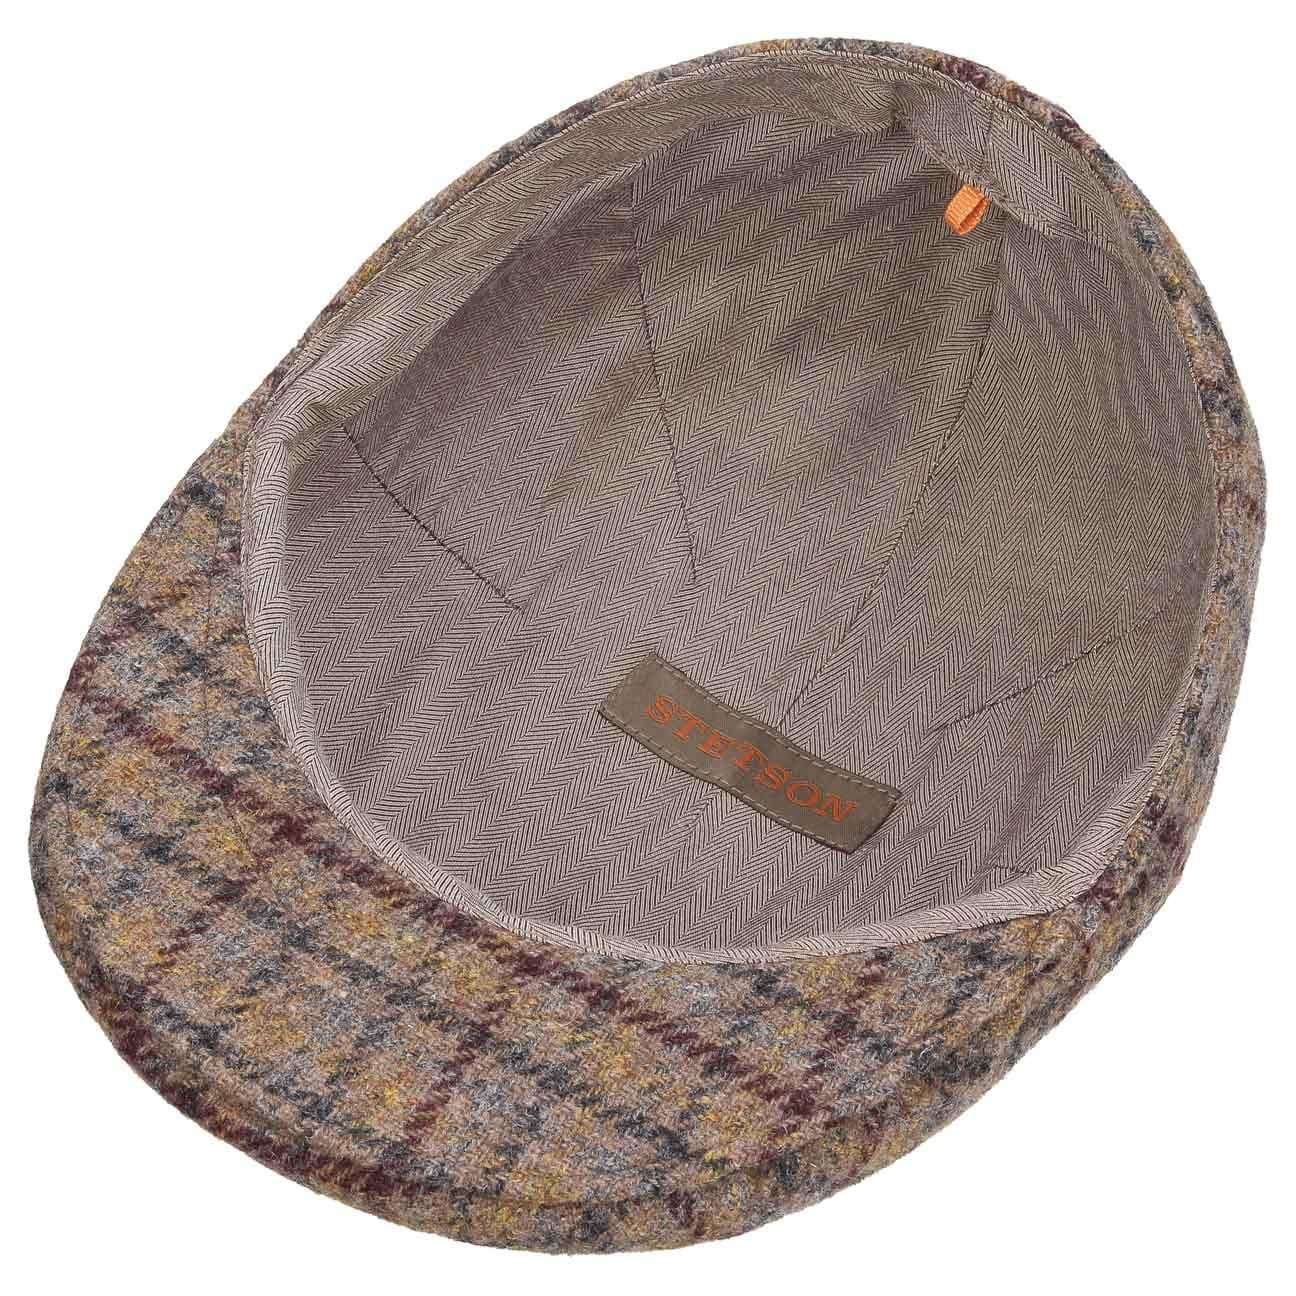 casquette en laine sussex by stetson eur 49 00 chapeaux casquettes et bonnets en ligne. Black Bedroom Furniture Sets. Home Design Ideas